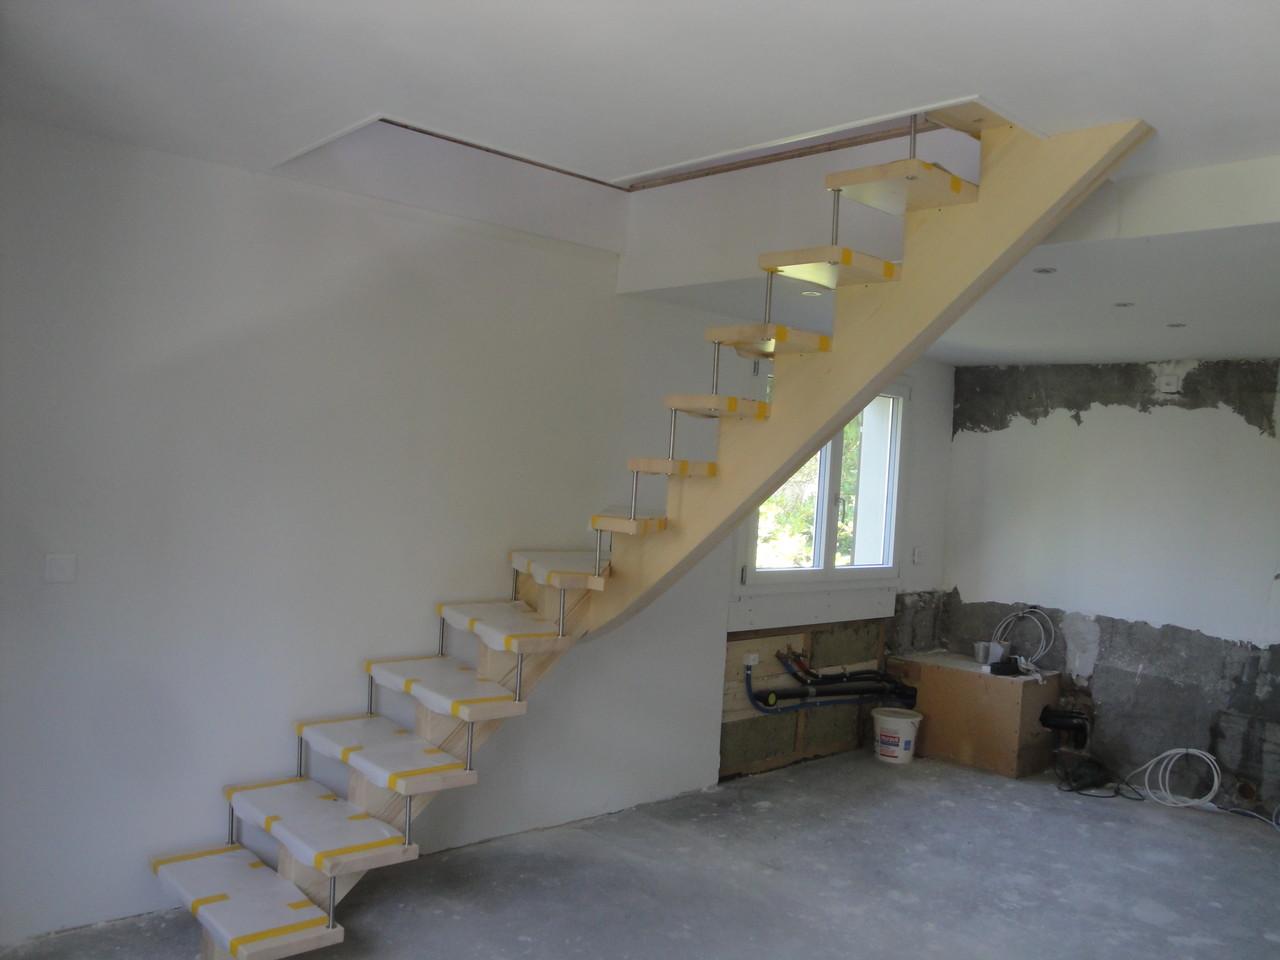 Treppe in Umbau Einfamilienhaus, Mollis